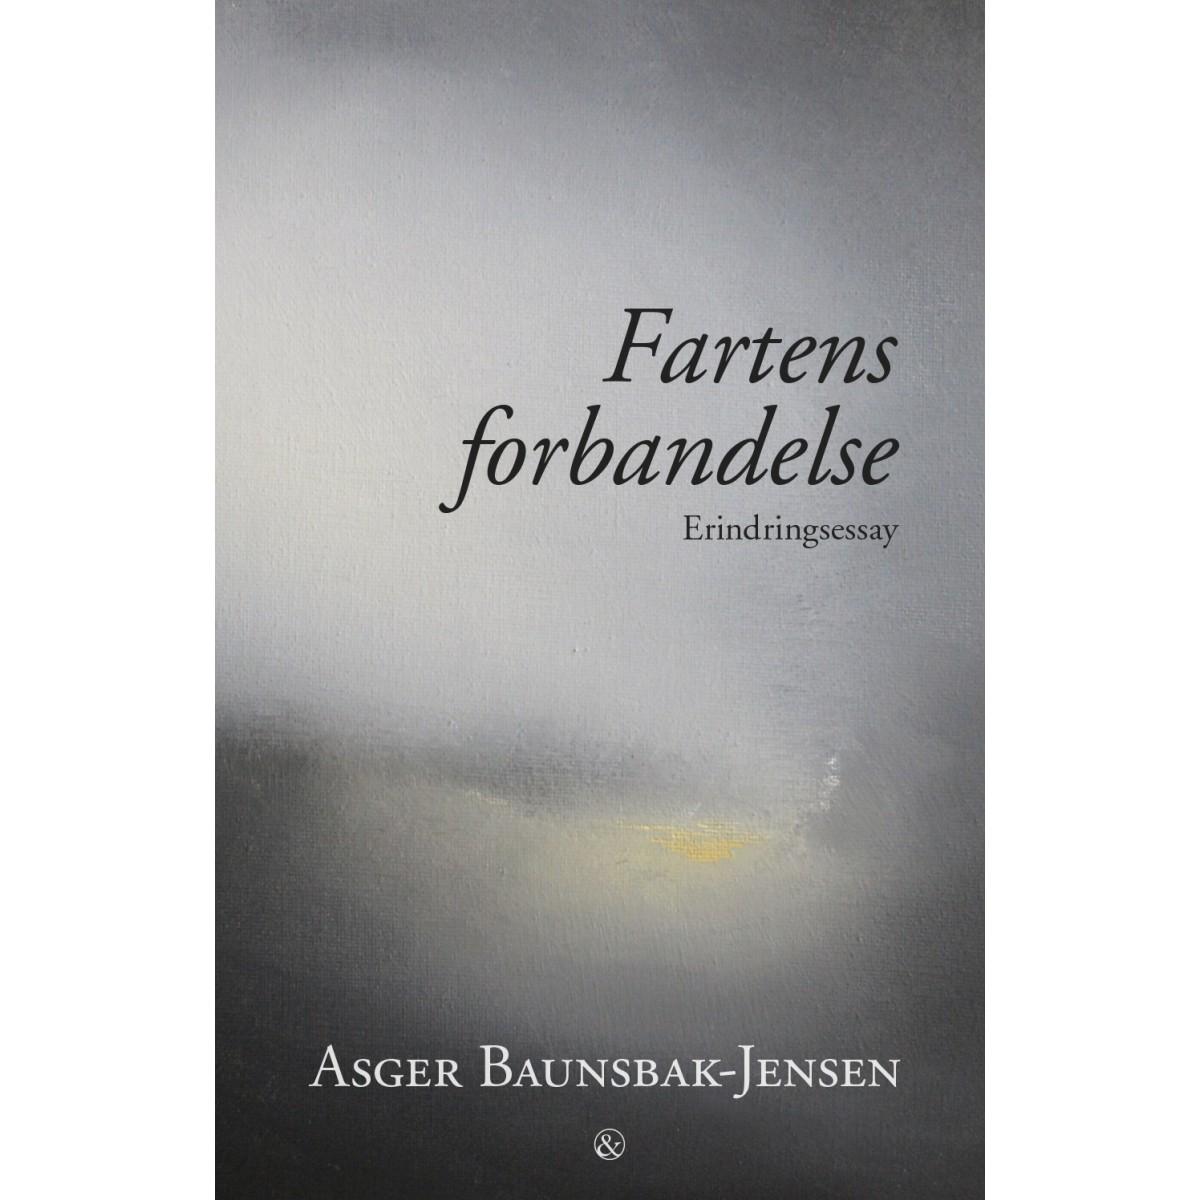 Asger Baunsbak-Jensen: Fartens forbandelse